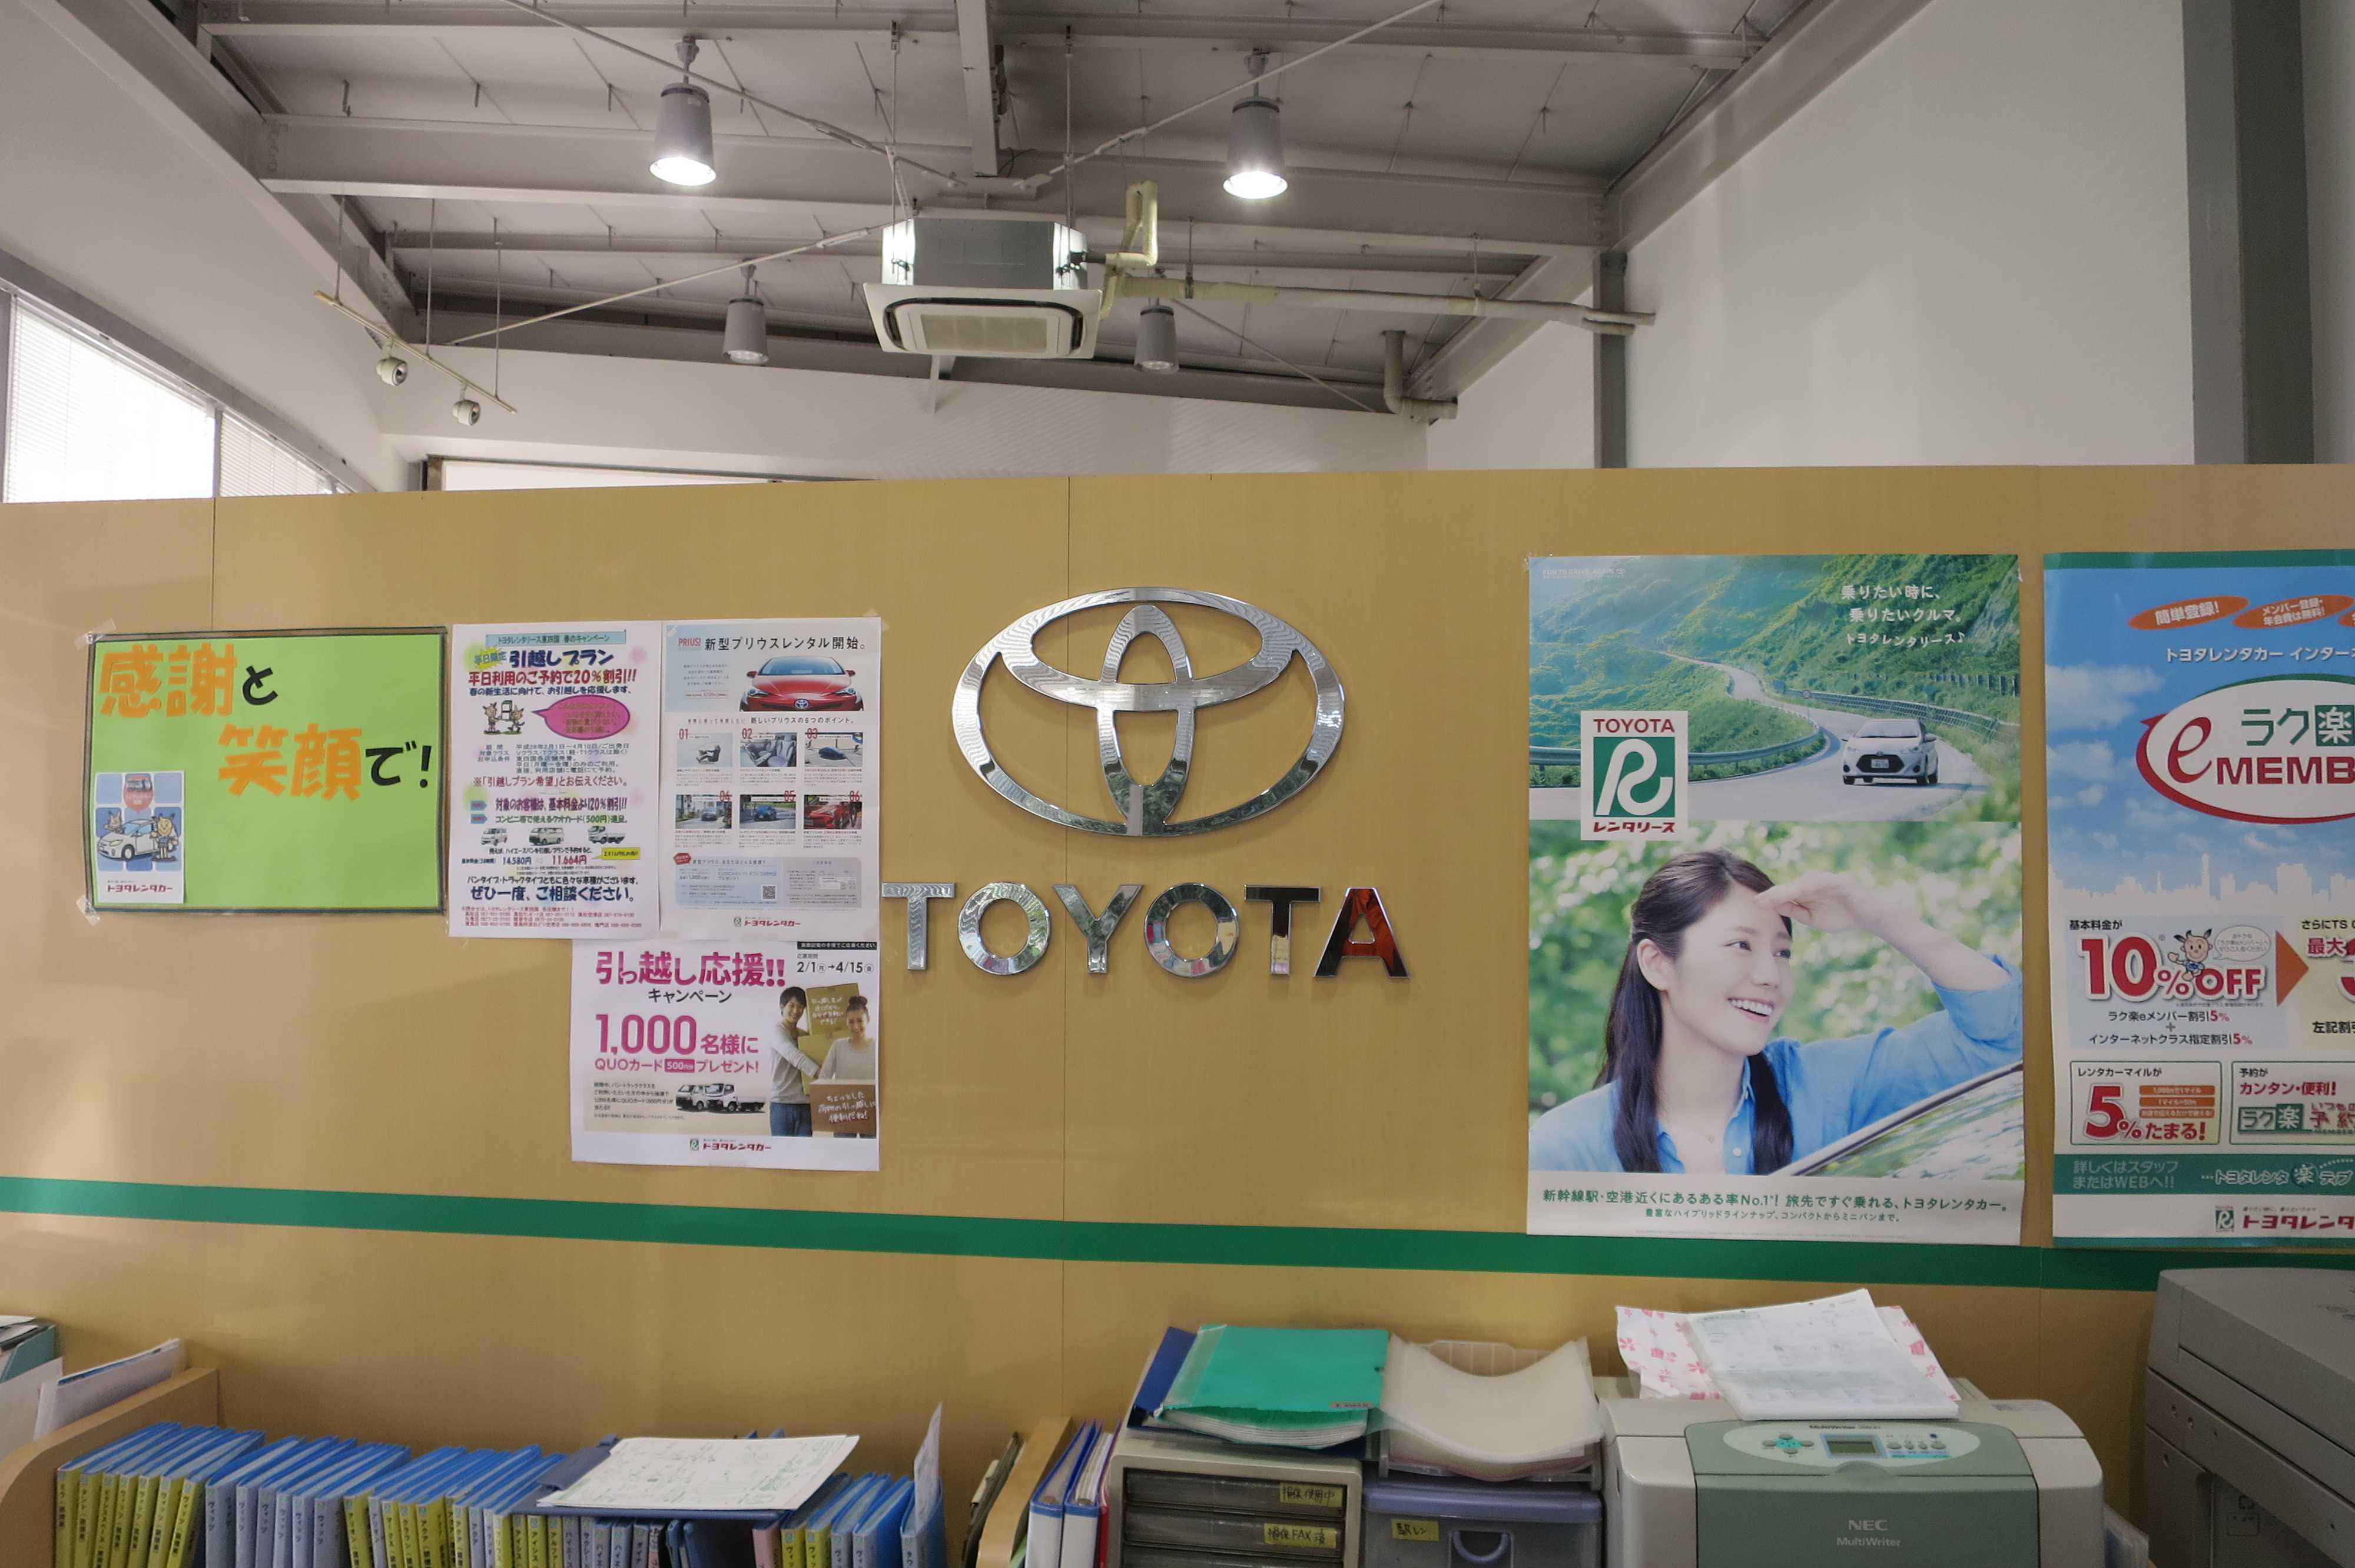 トヨタレンタリース東四国 丸亀店さんの内部